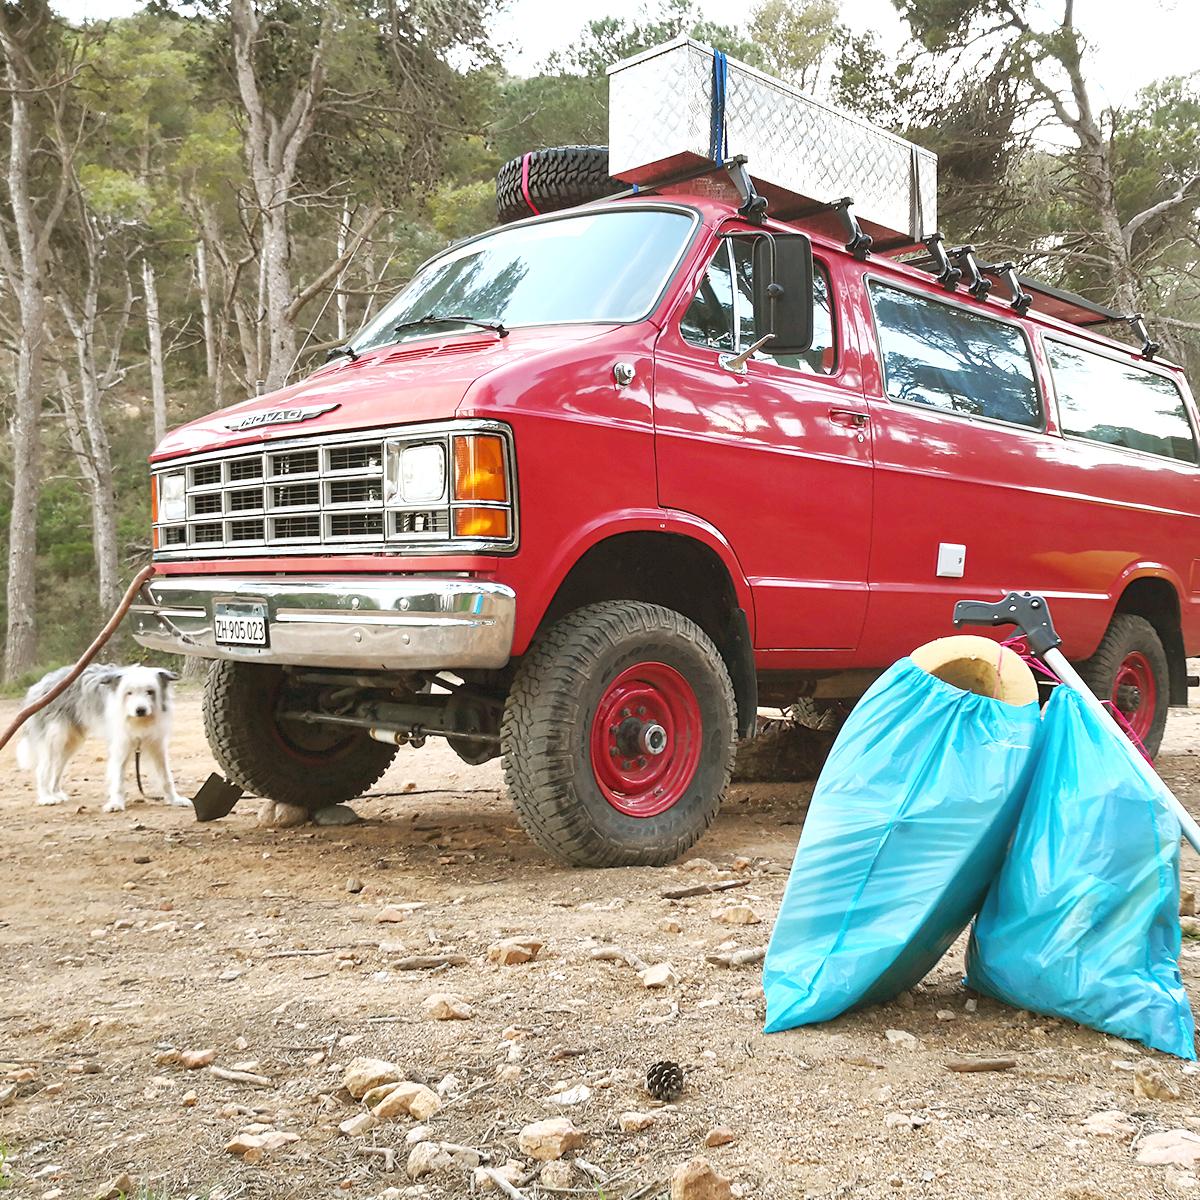 Feuerwehr-Van und Müllsäcke